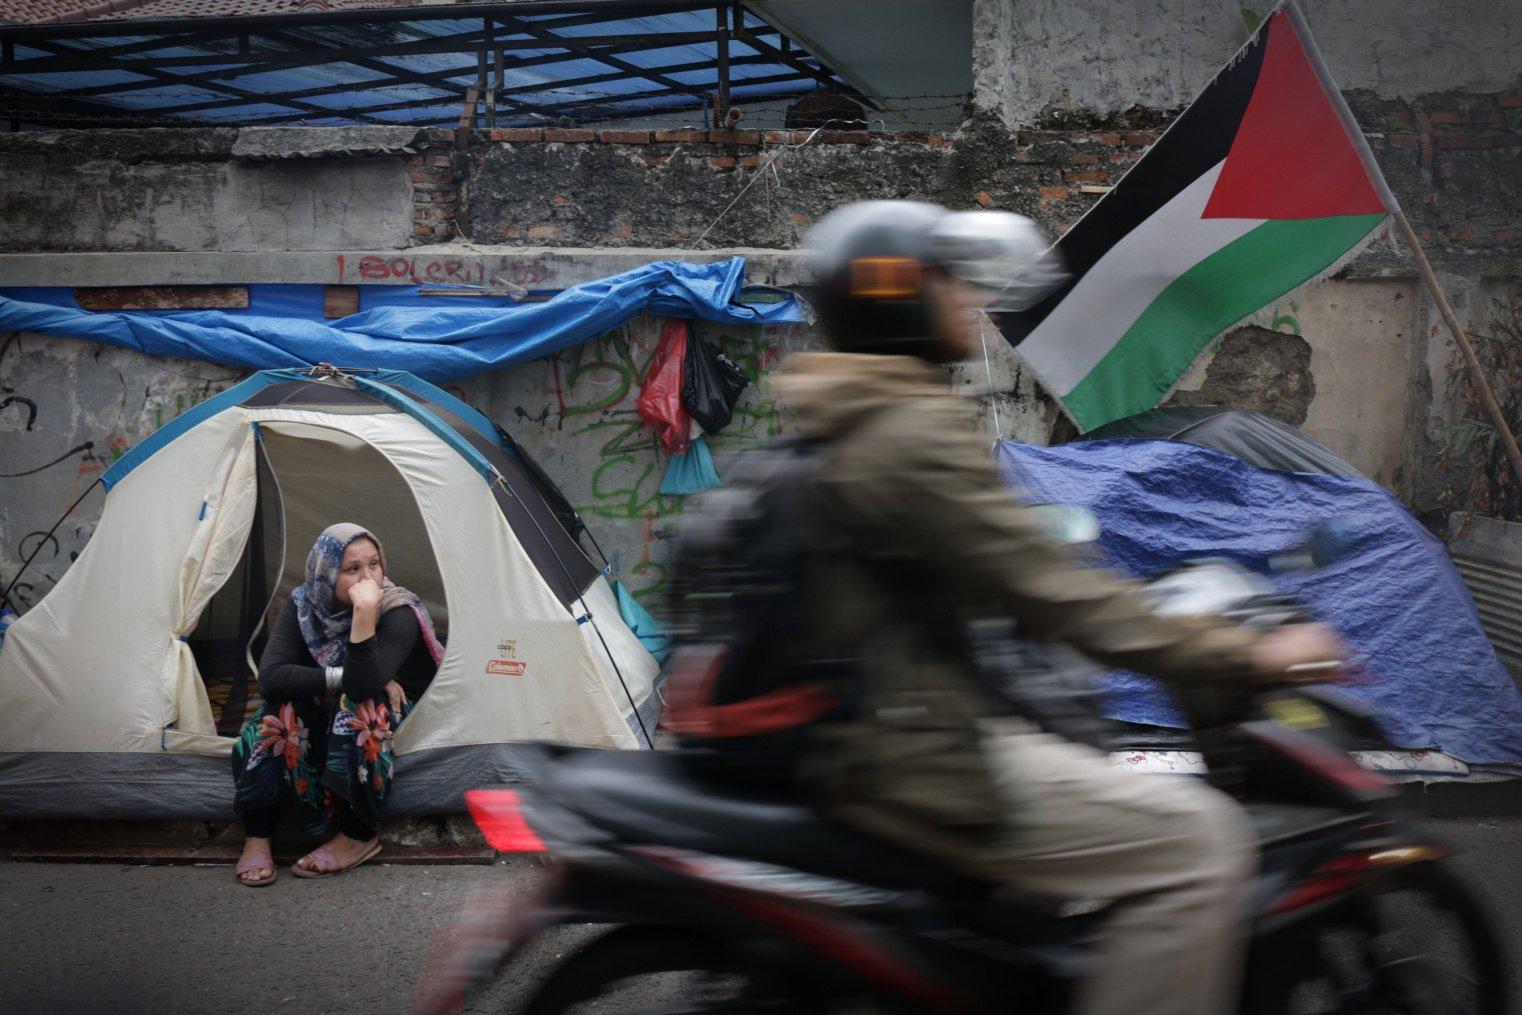 Pencari suaka atau pengungsi yang berasal dari Somalia, Sudan, Yaman, dan Afganistan membangun tenda-tenda dan meminta tempat tinggal serta suplai makanan di Kantor Badan PBB Untuk Pengungsi (UNHCR).